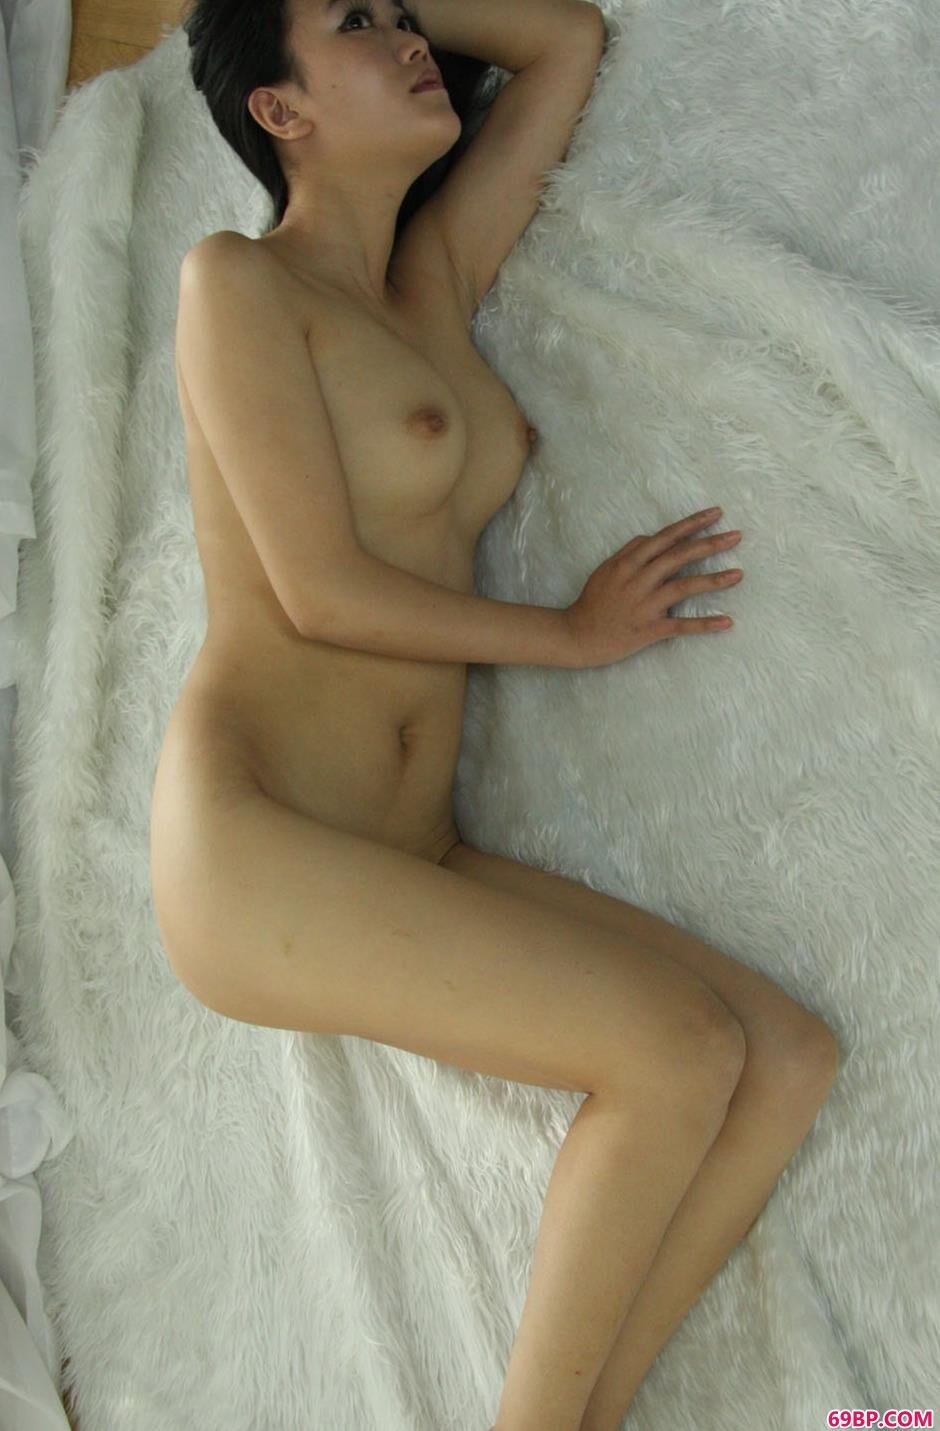 男体摄影_靓女安慧房间内羊毛毯上的妩媚人体